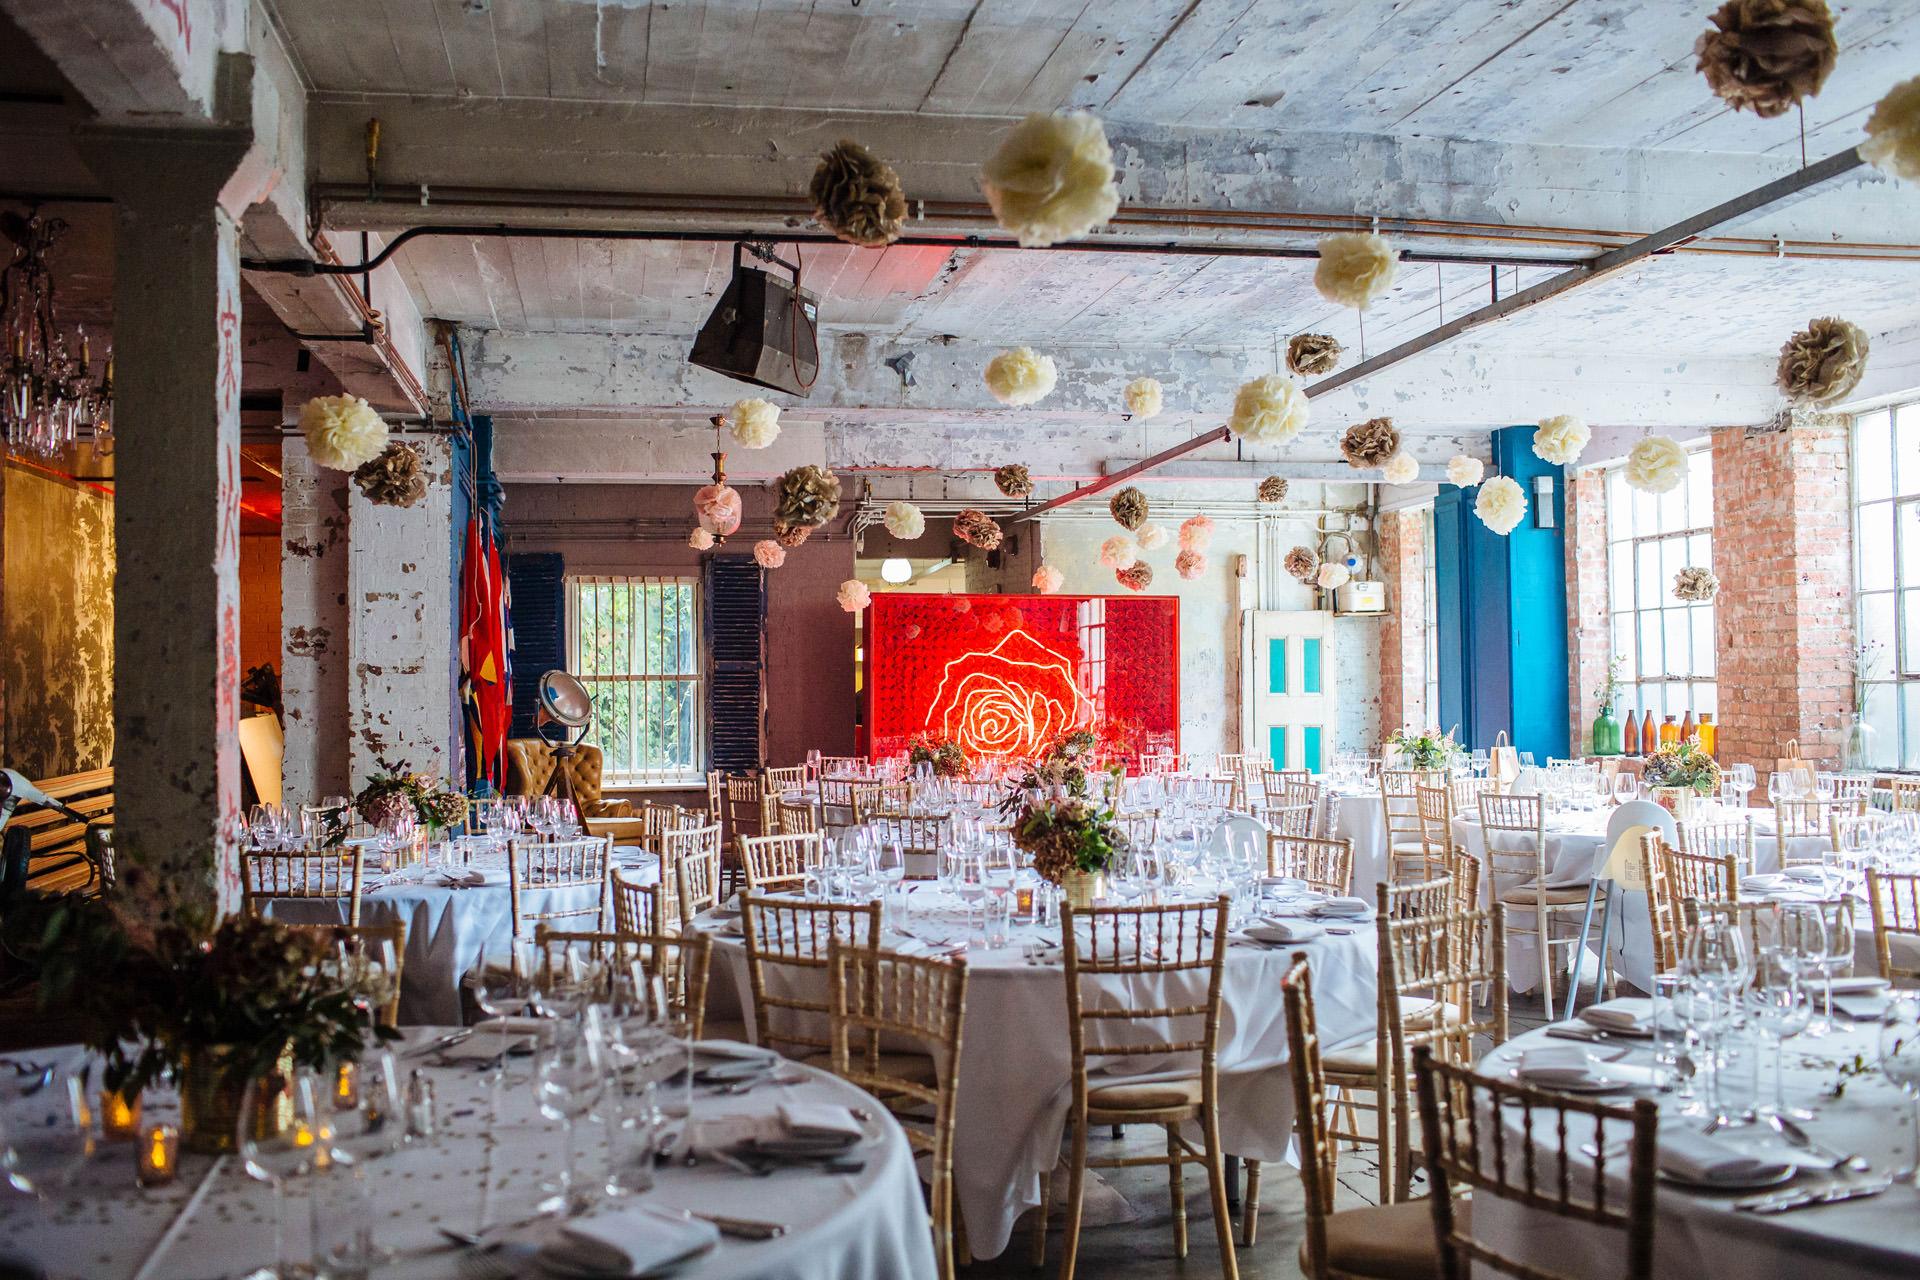 urban warehouse wedding with pom pom decorations